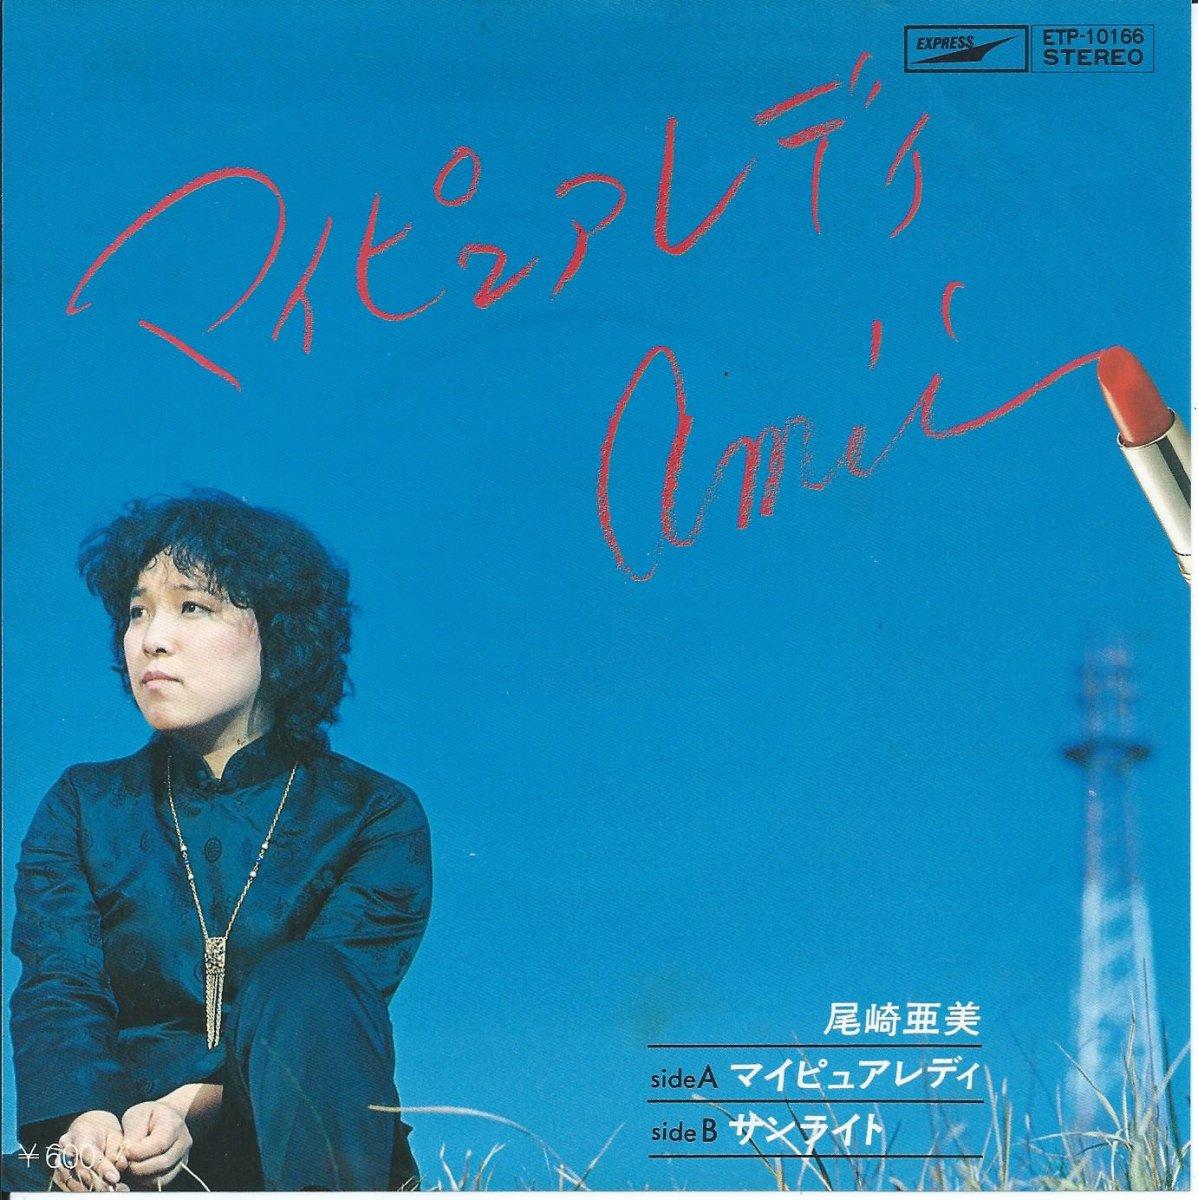 尾崎亜美 AMI OZAKI / マイピュアレディ MY PURE LADY / サンライト SUN LIGHT (7